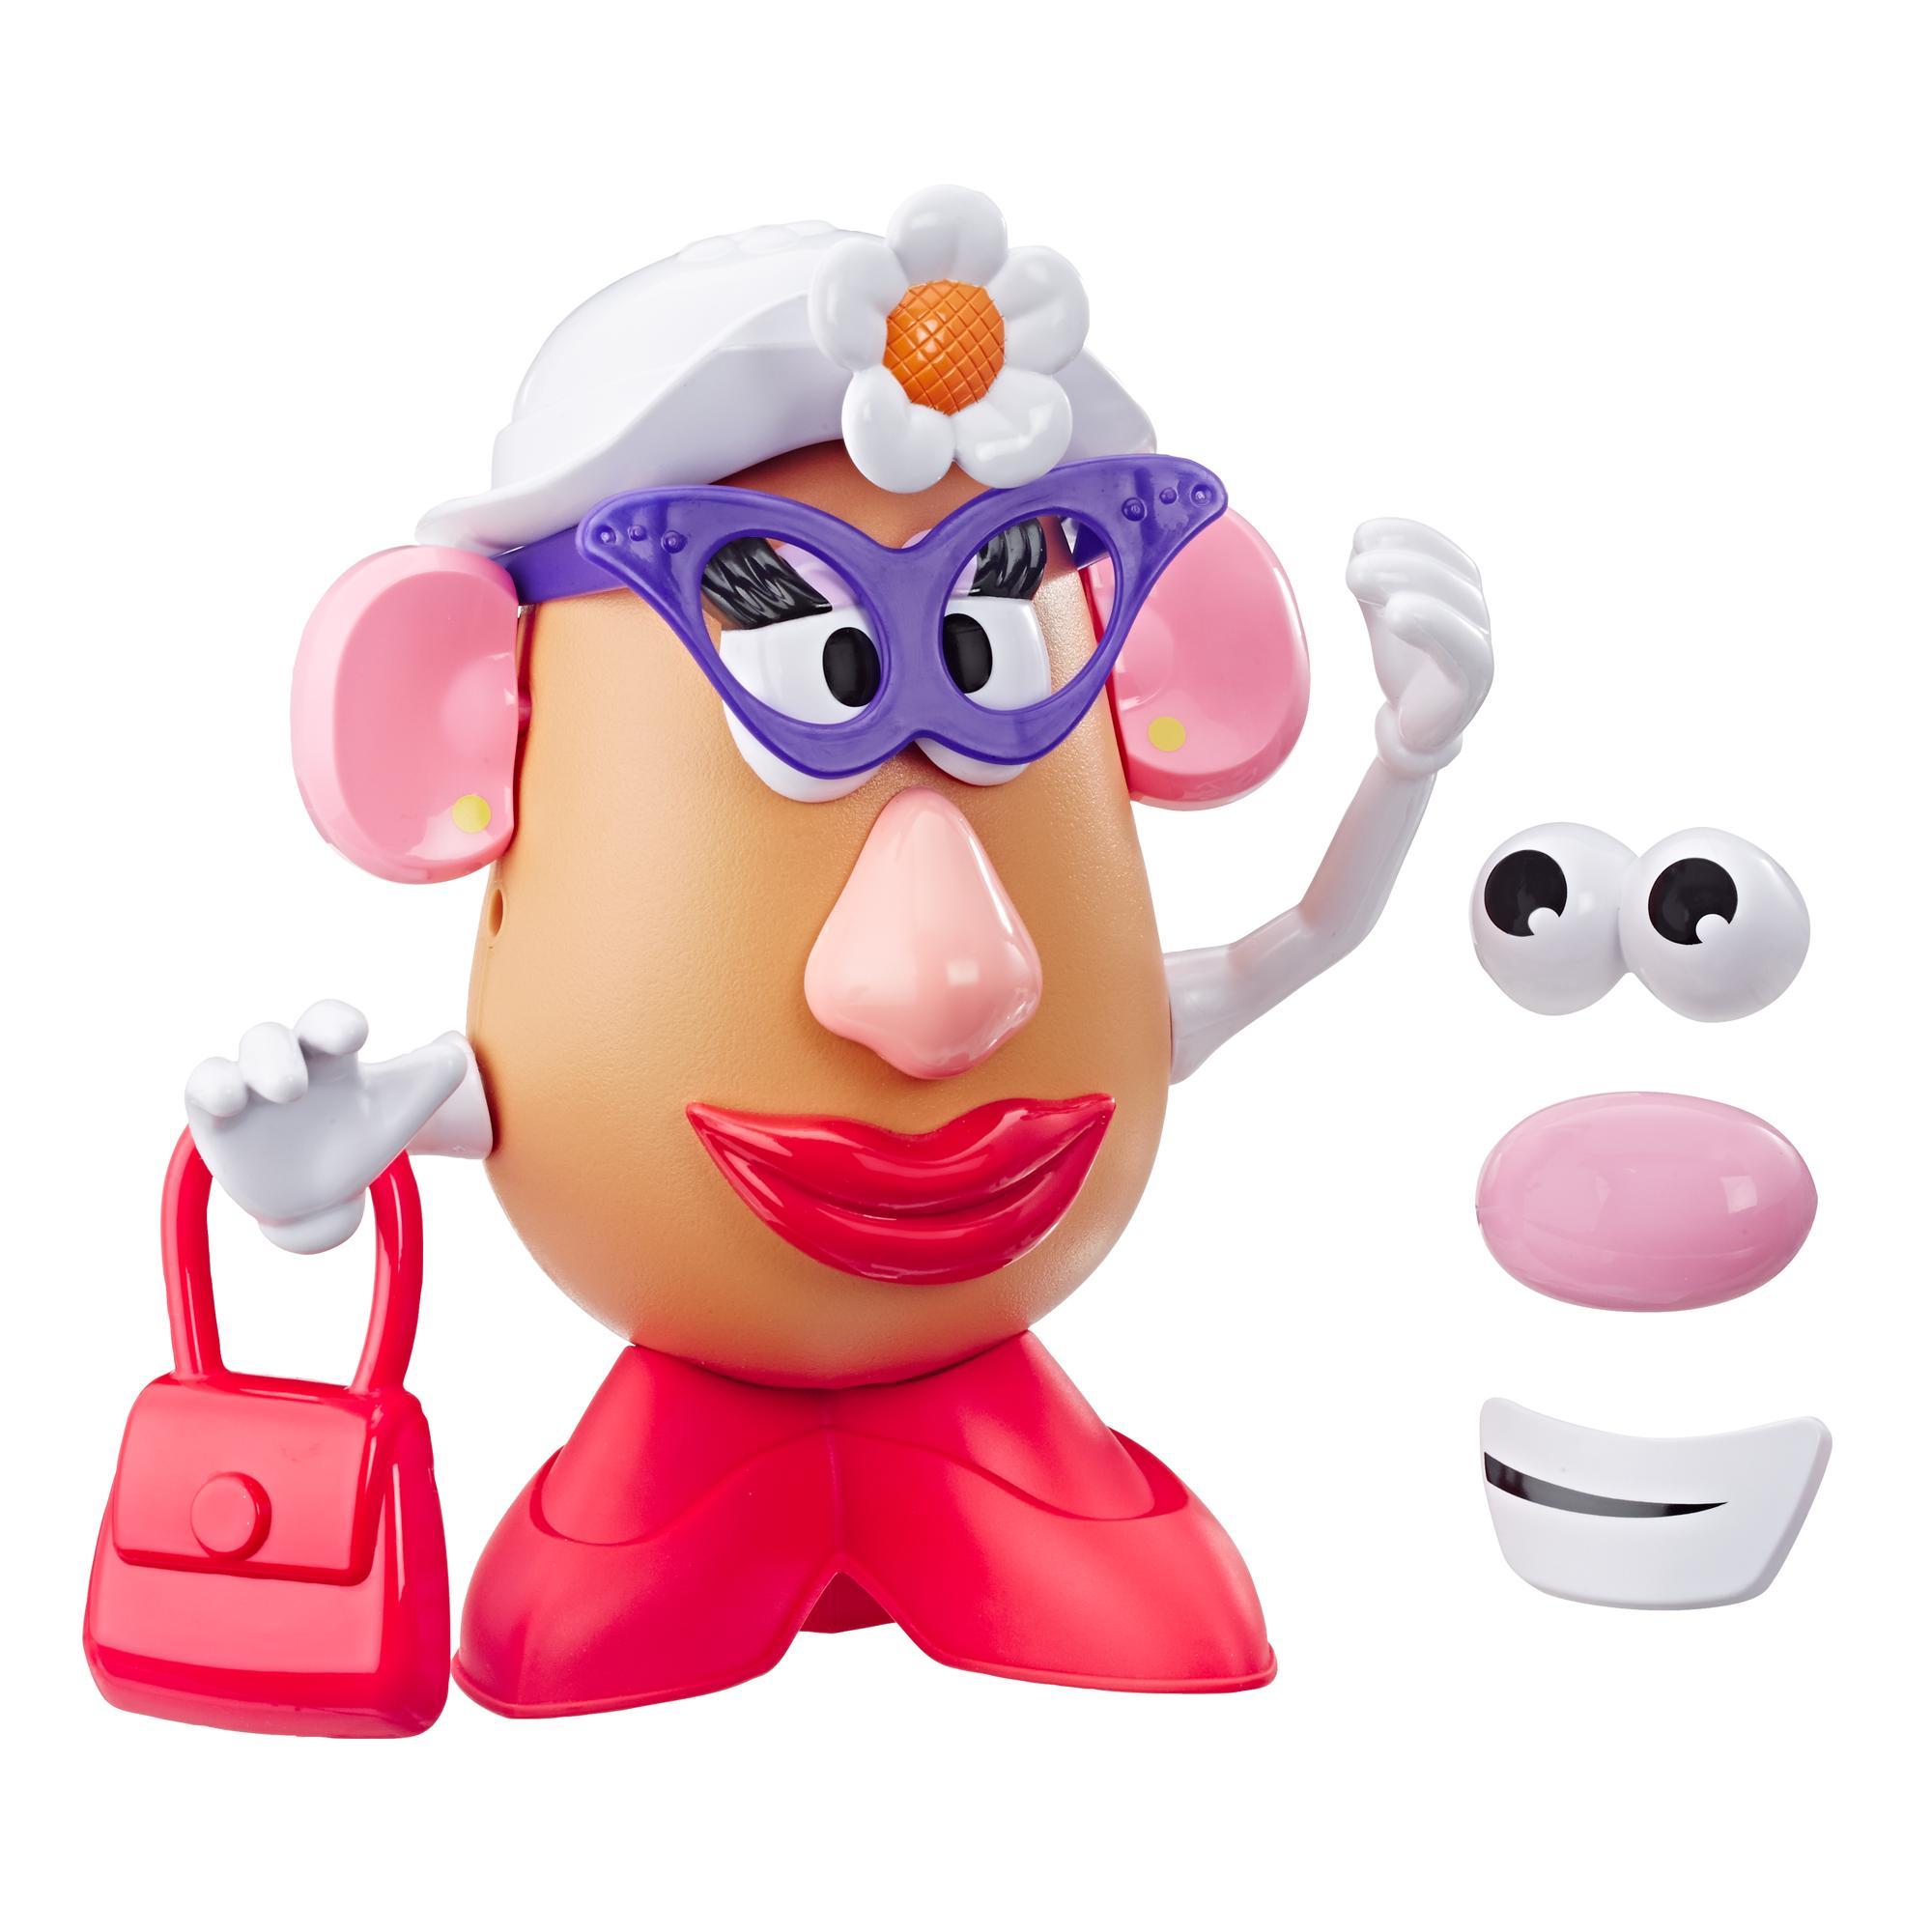 Mr. Potato Head Disney/Pixar - Figura clásica de la Sra. Cara de Papa